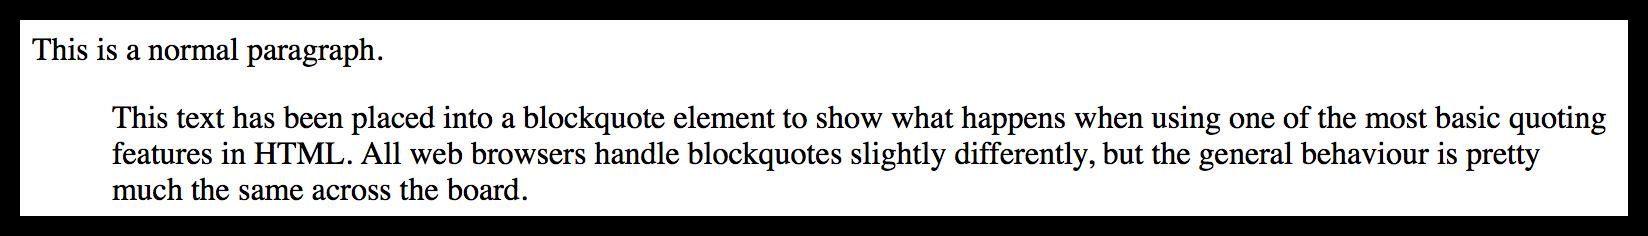 Blockquote example